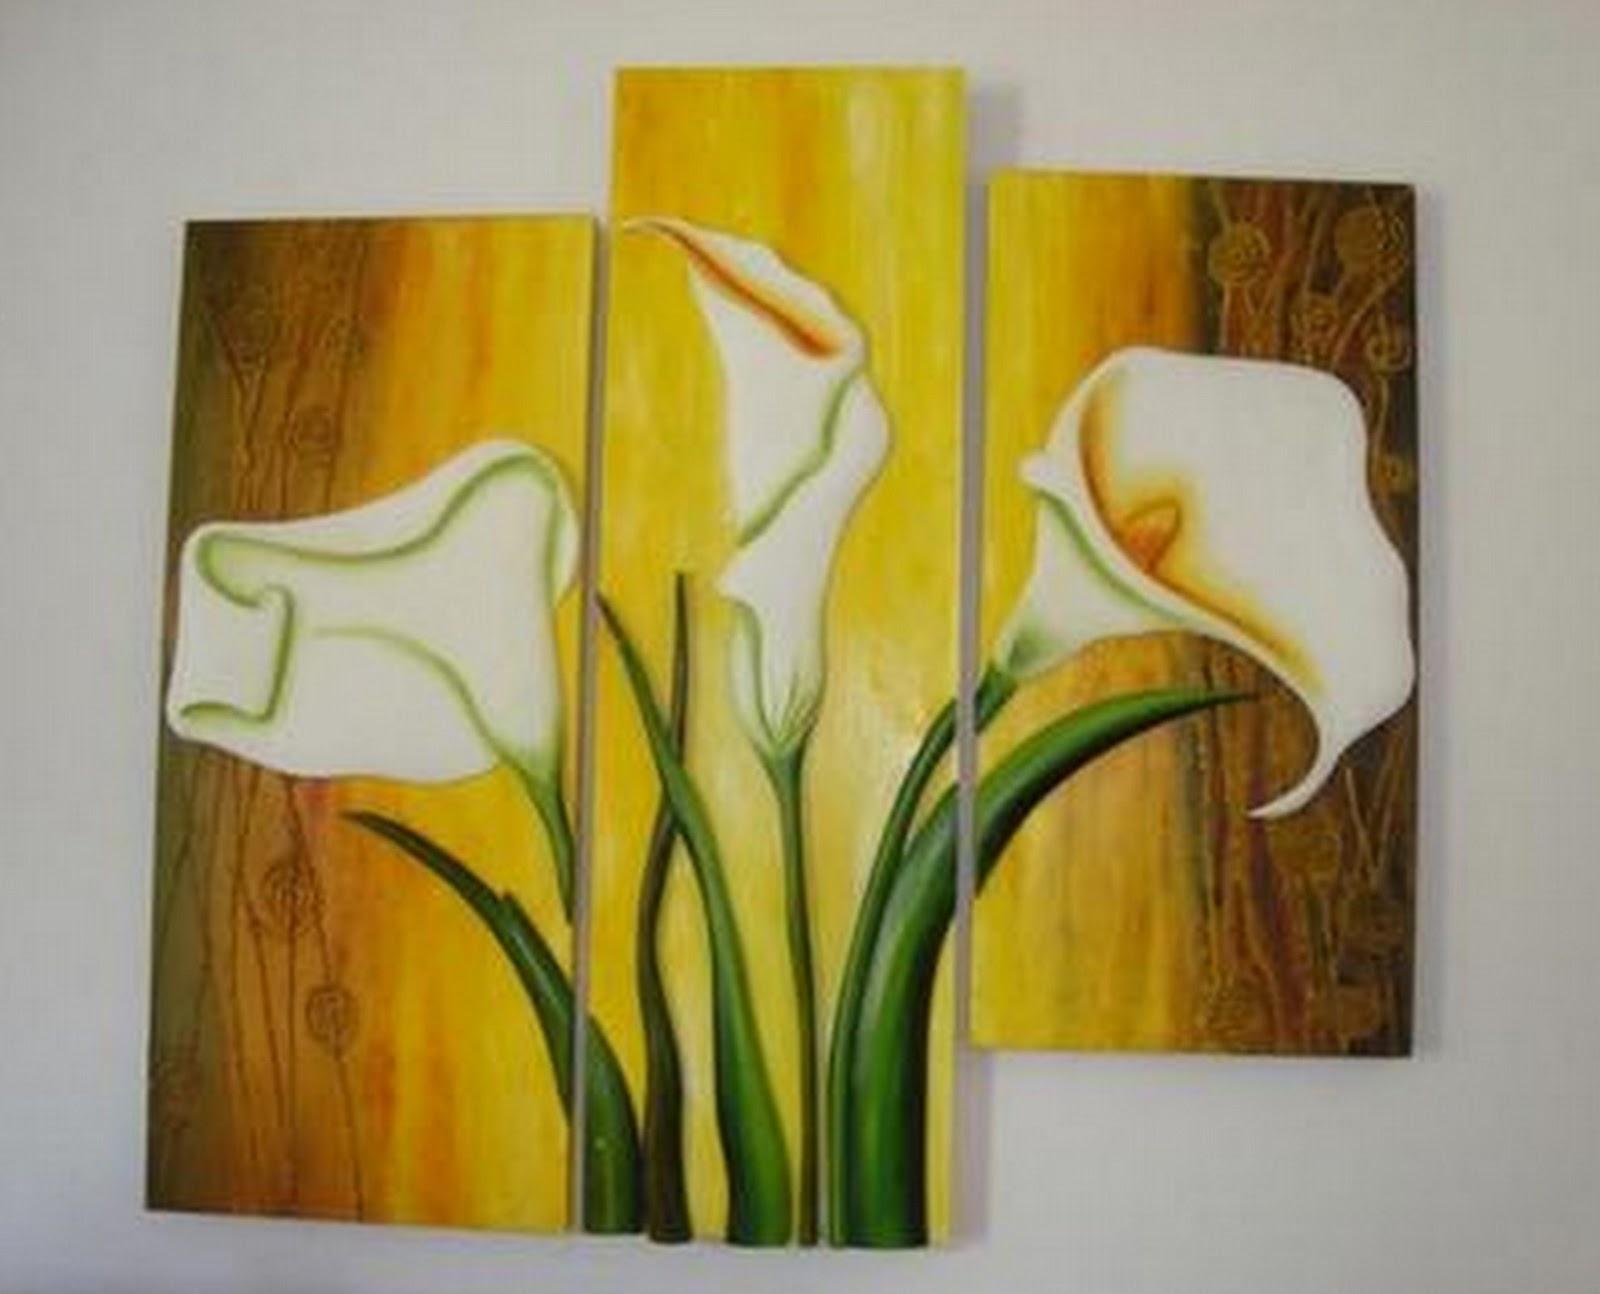 Cuadros modernos pinturas y dibujos galer a de flores cuadros modernos - Cuadros modernos para pintar ...